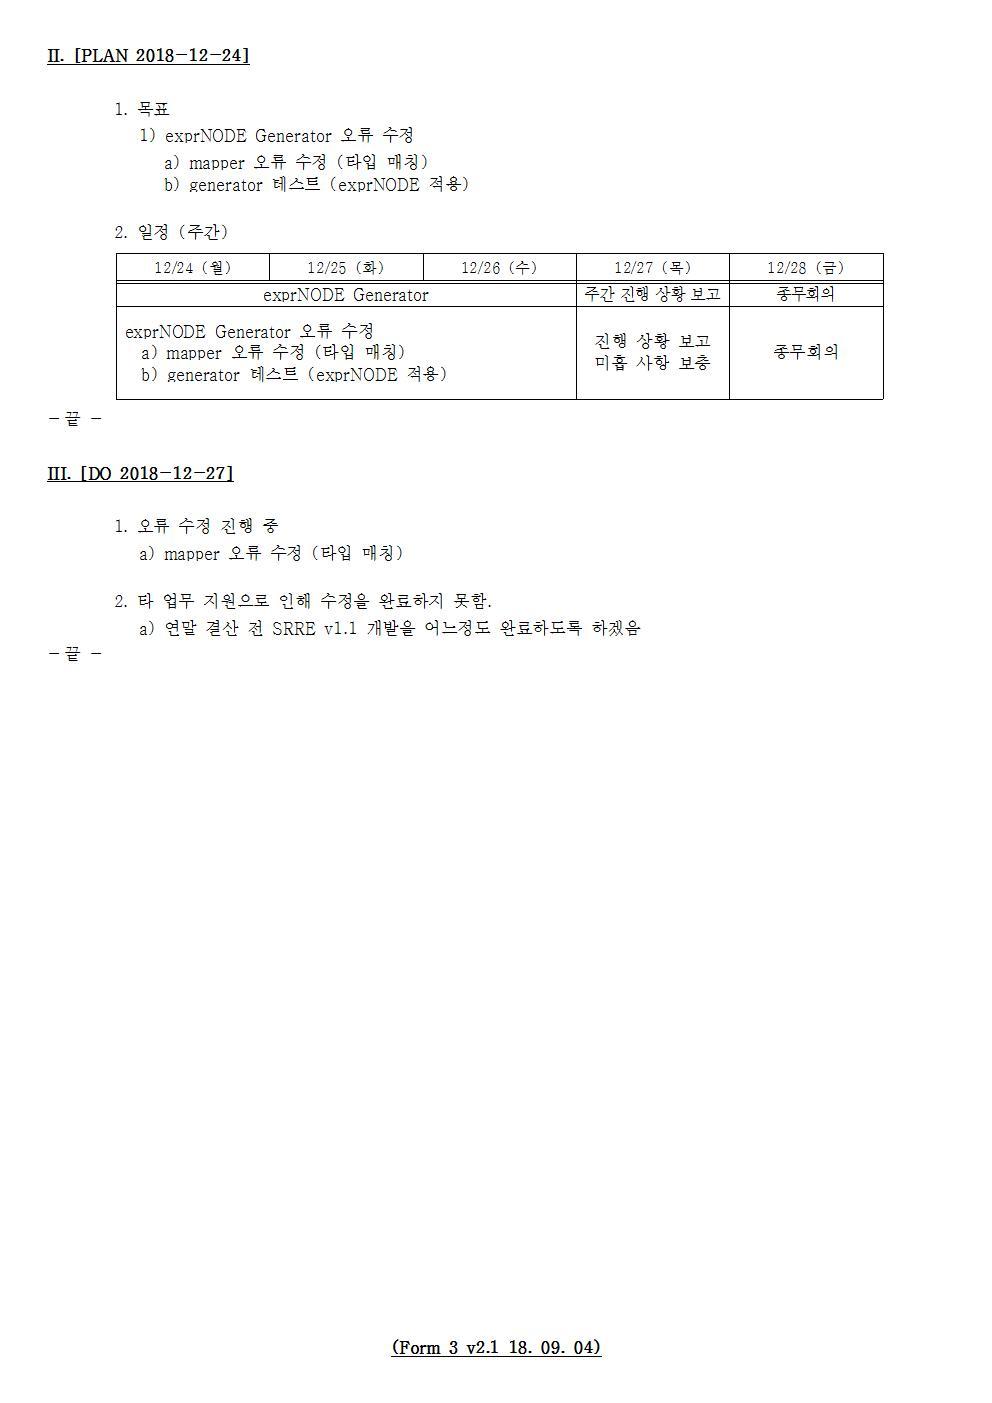 D-[18-003-RD-03]-[SRRE]-[2018-12-27][JS]002.jpg